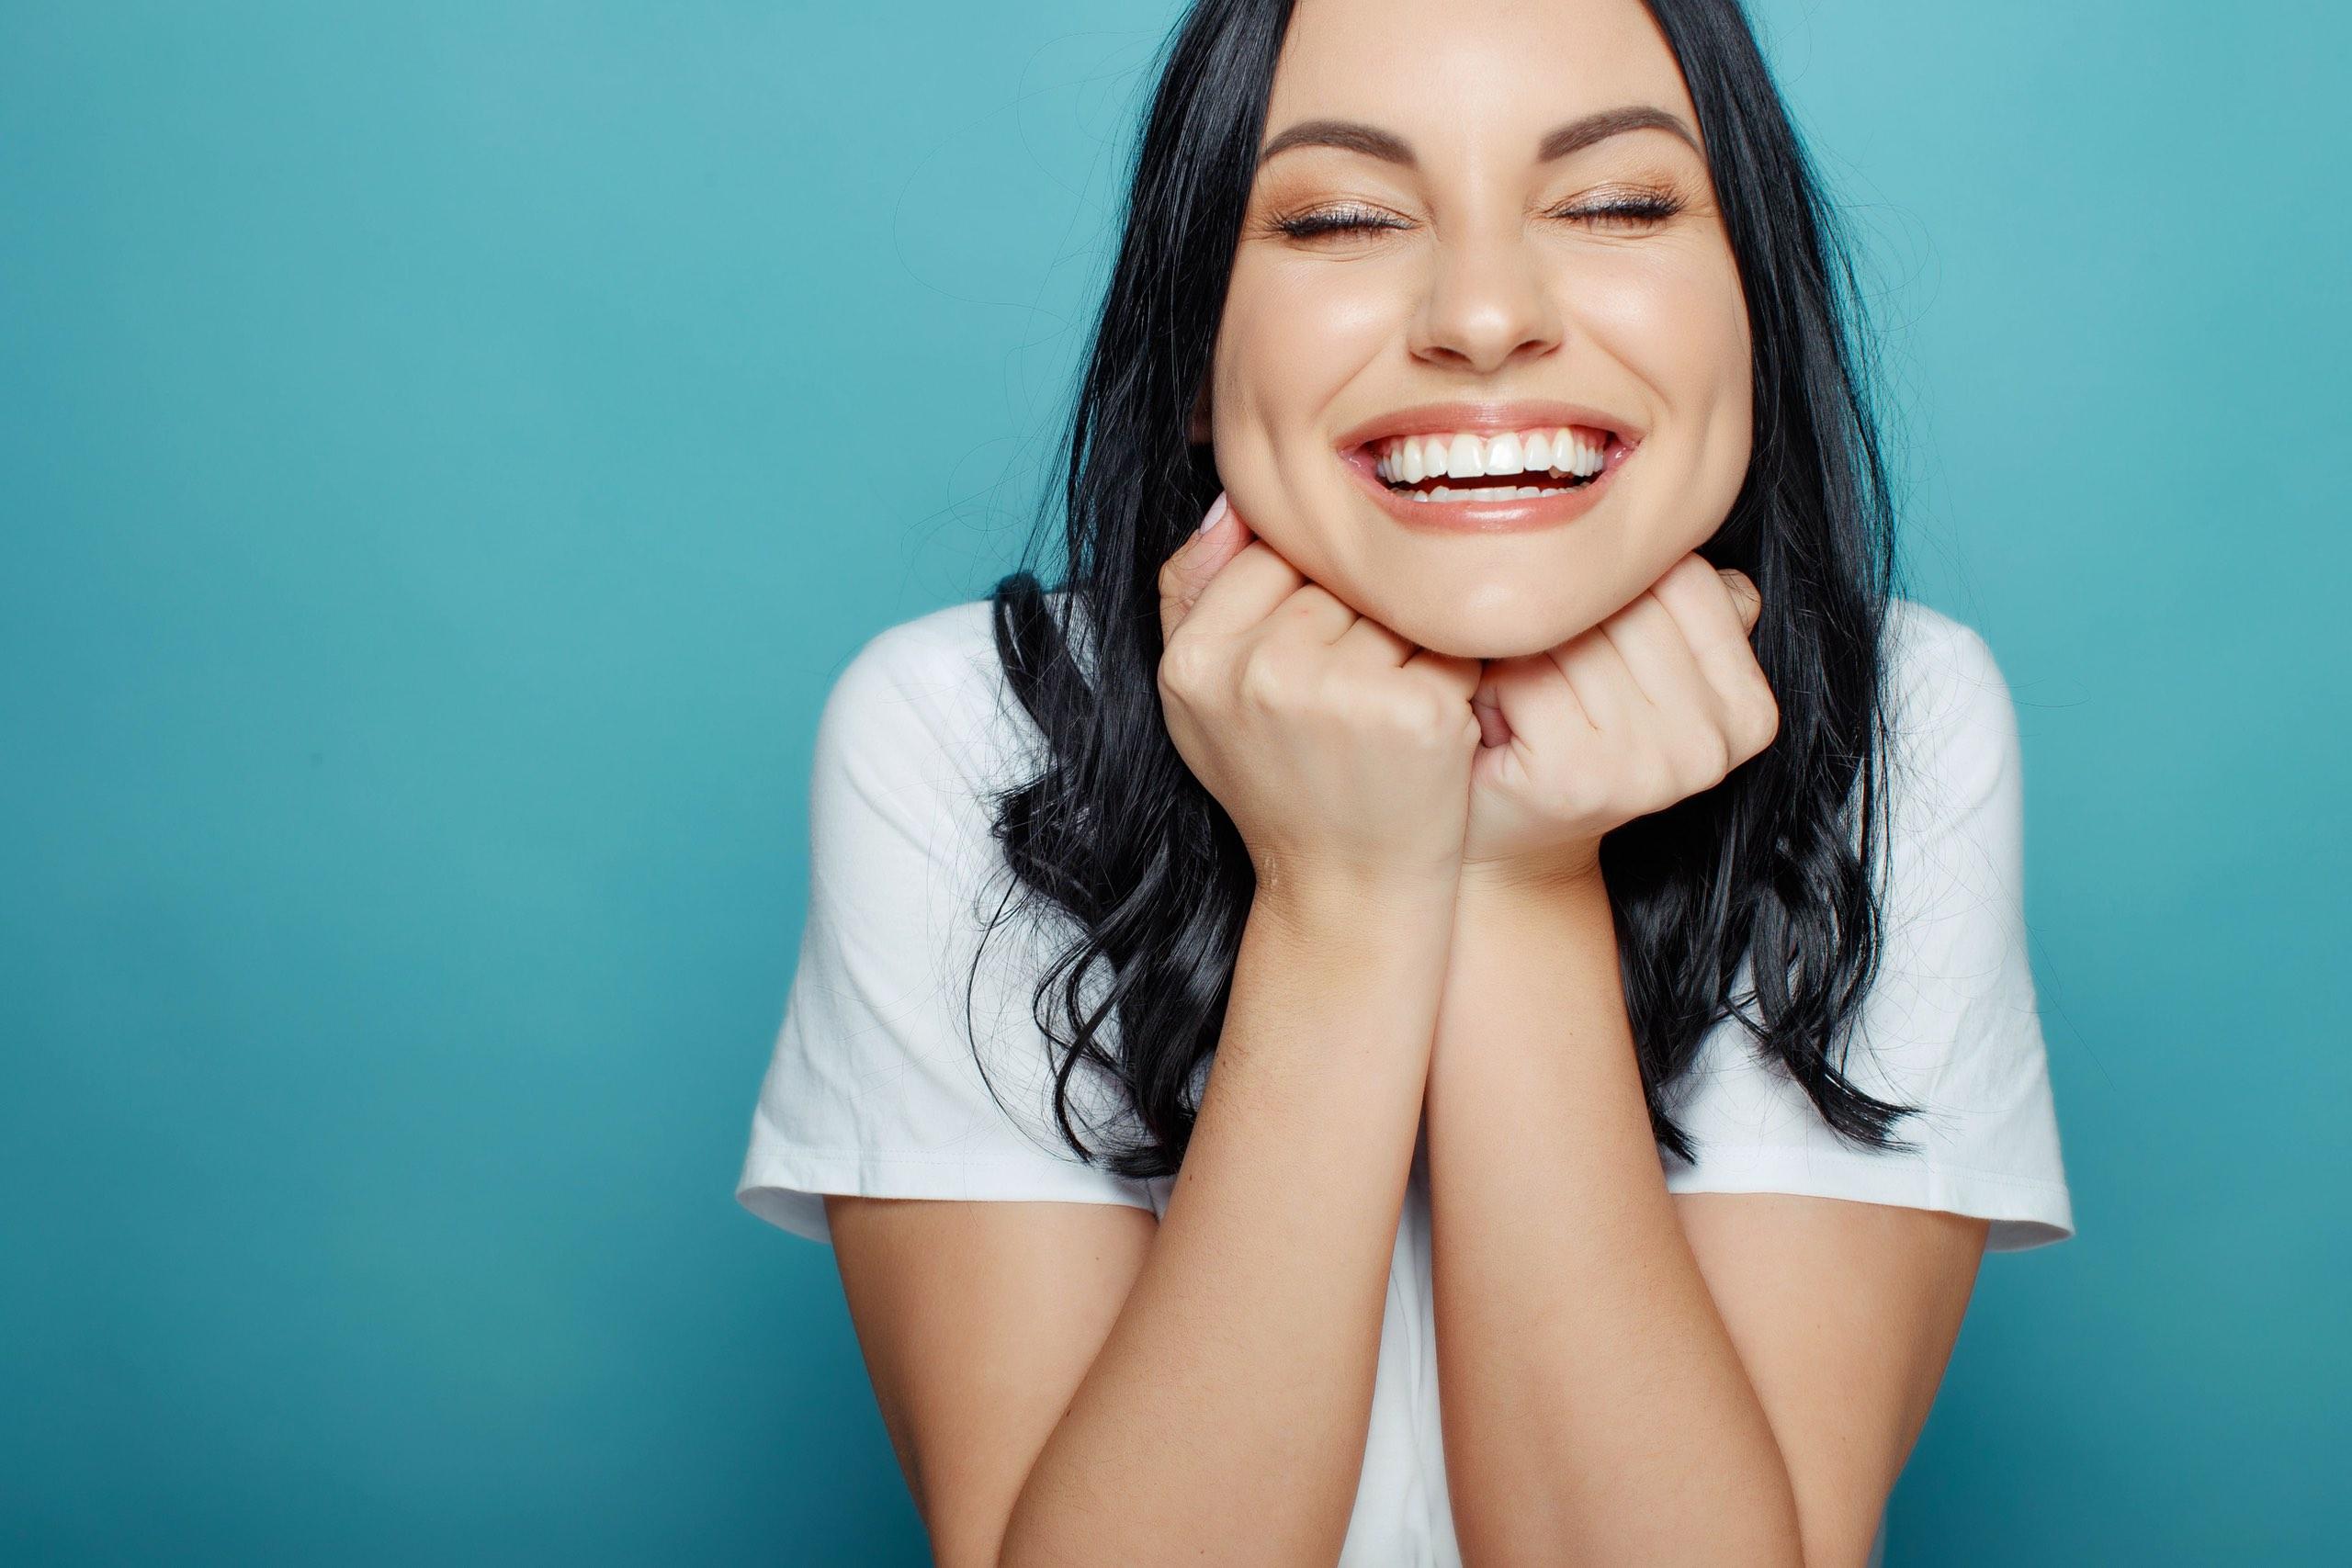 imagen de dental linares filosofia slow clinica dental